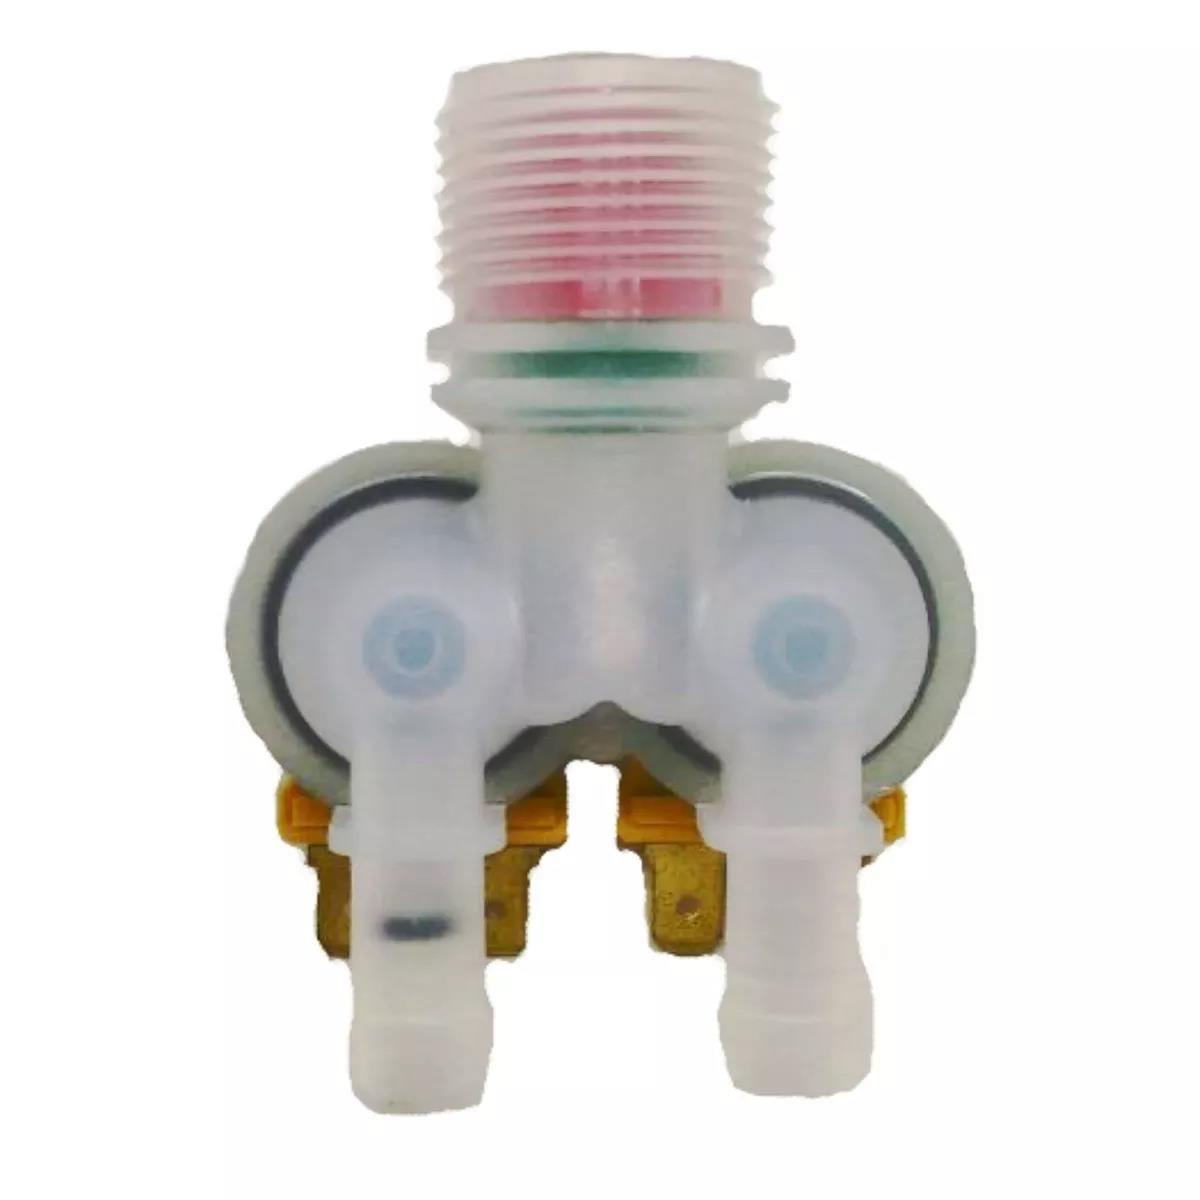 Foto2 - Válvula Dupla Lavadora Electrolux LM06 - 127v - Emicol